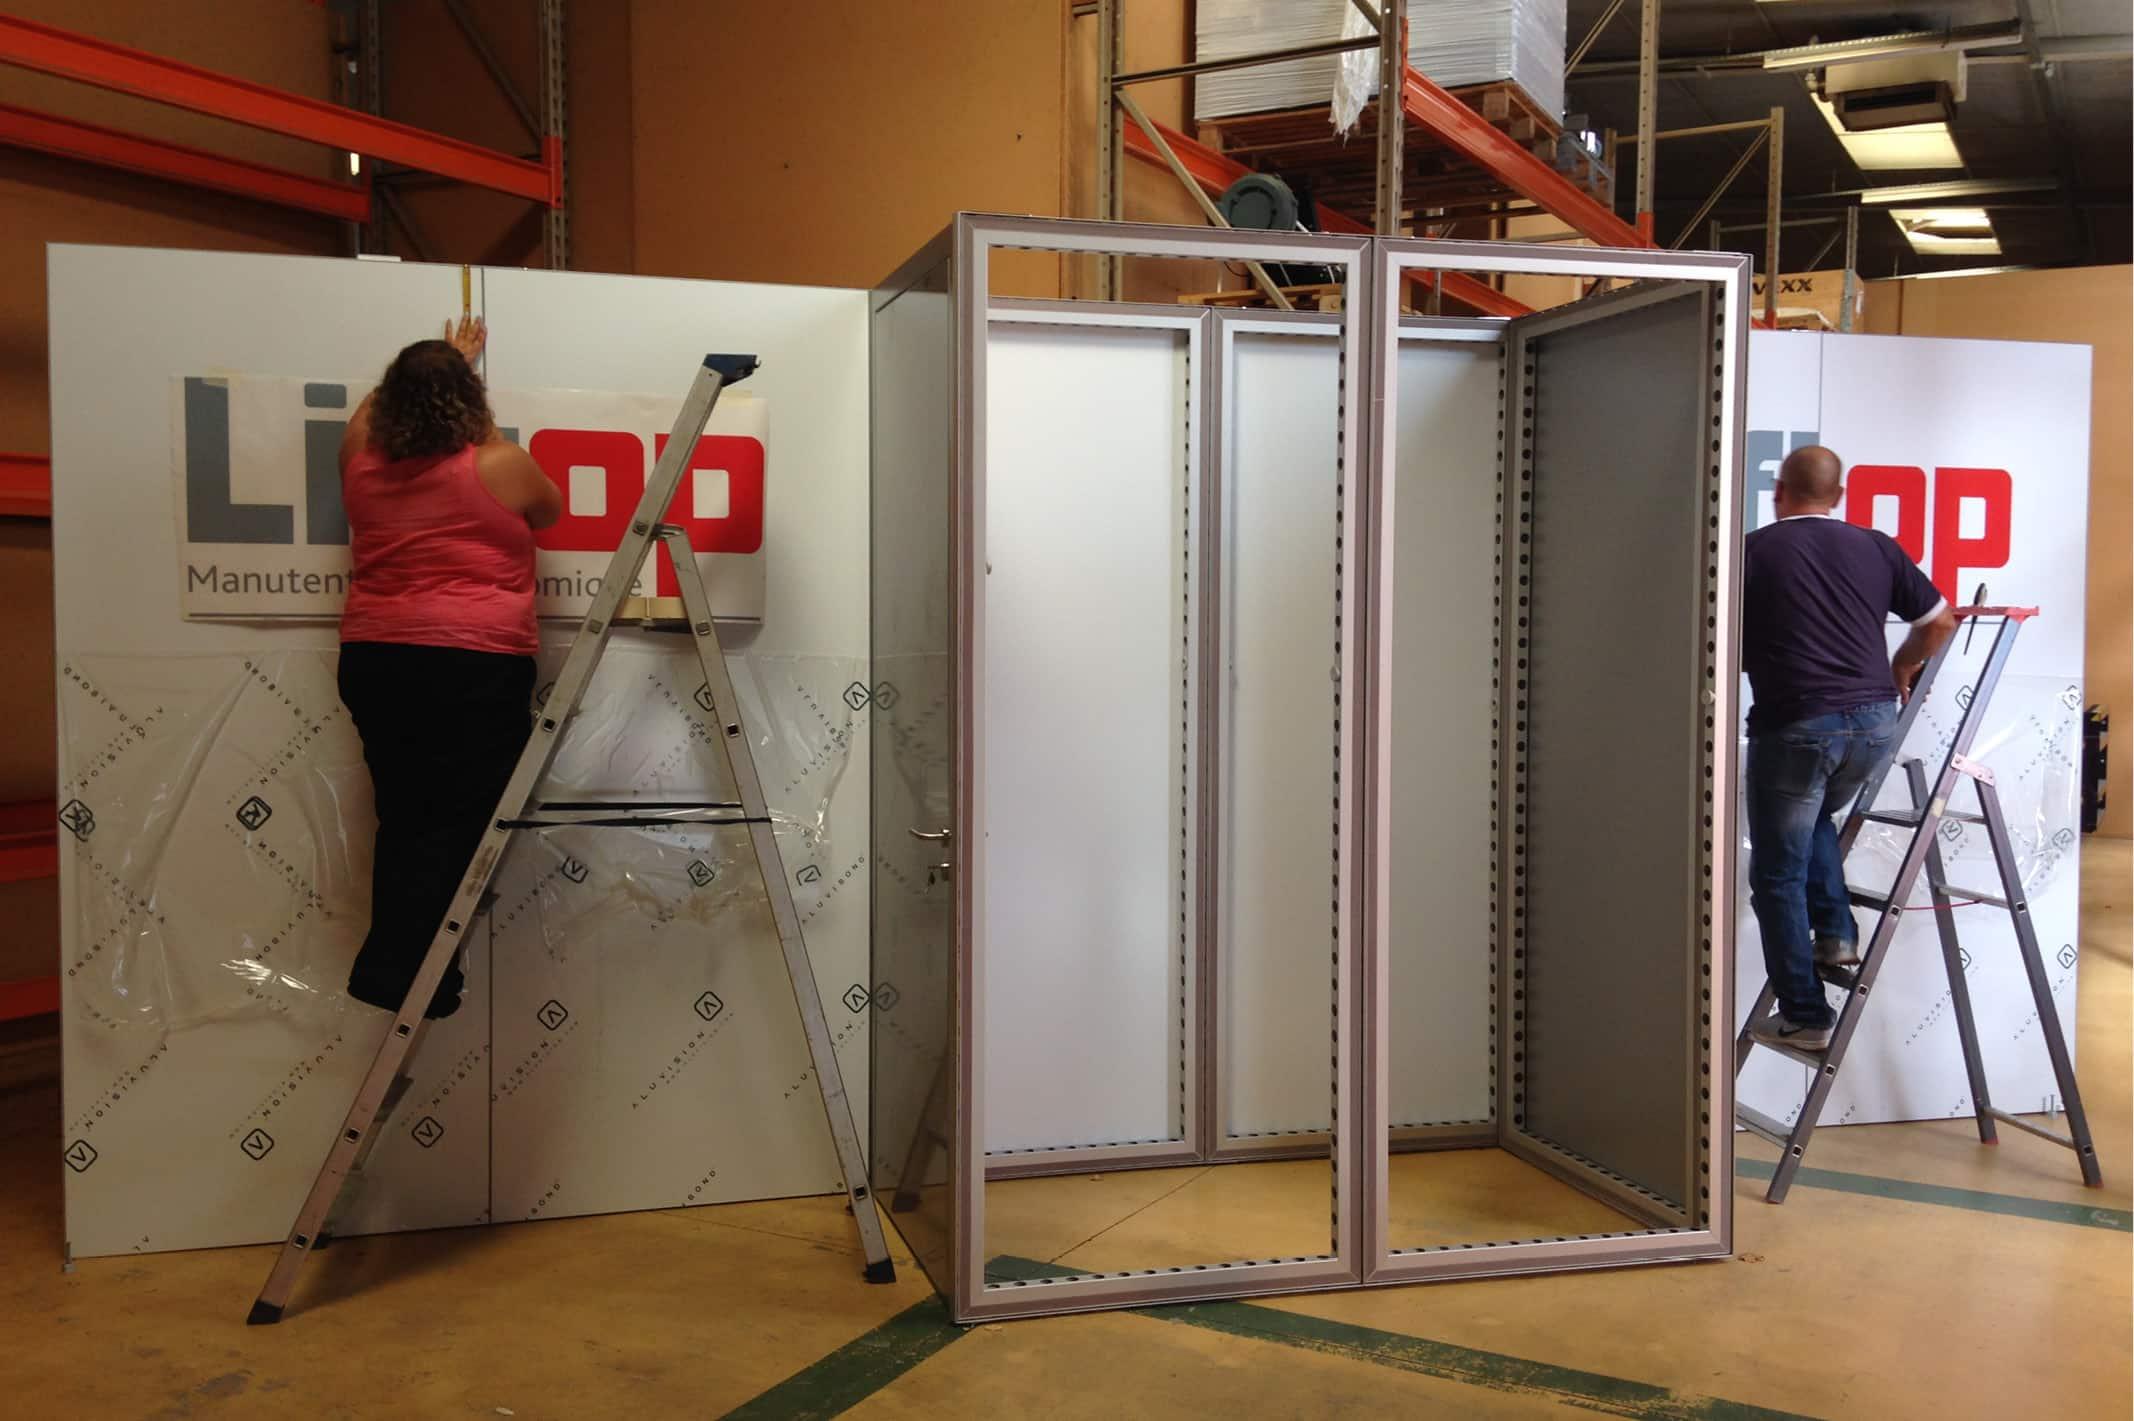 Bicub est présent lors de l'installation de votre stand afin de s'assurer de sa conformité.